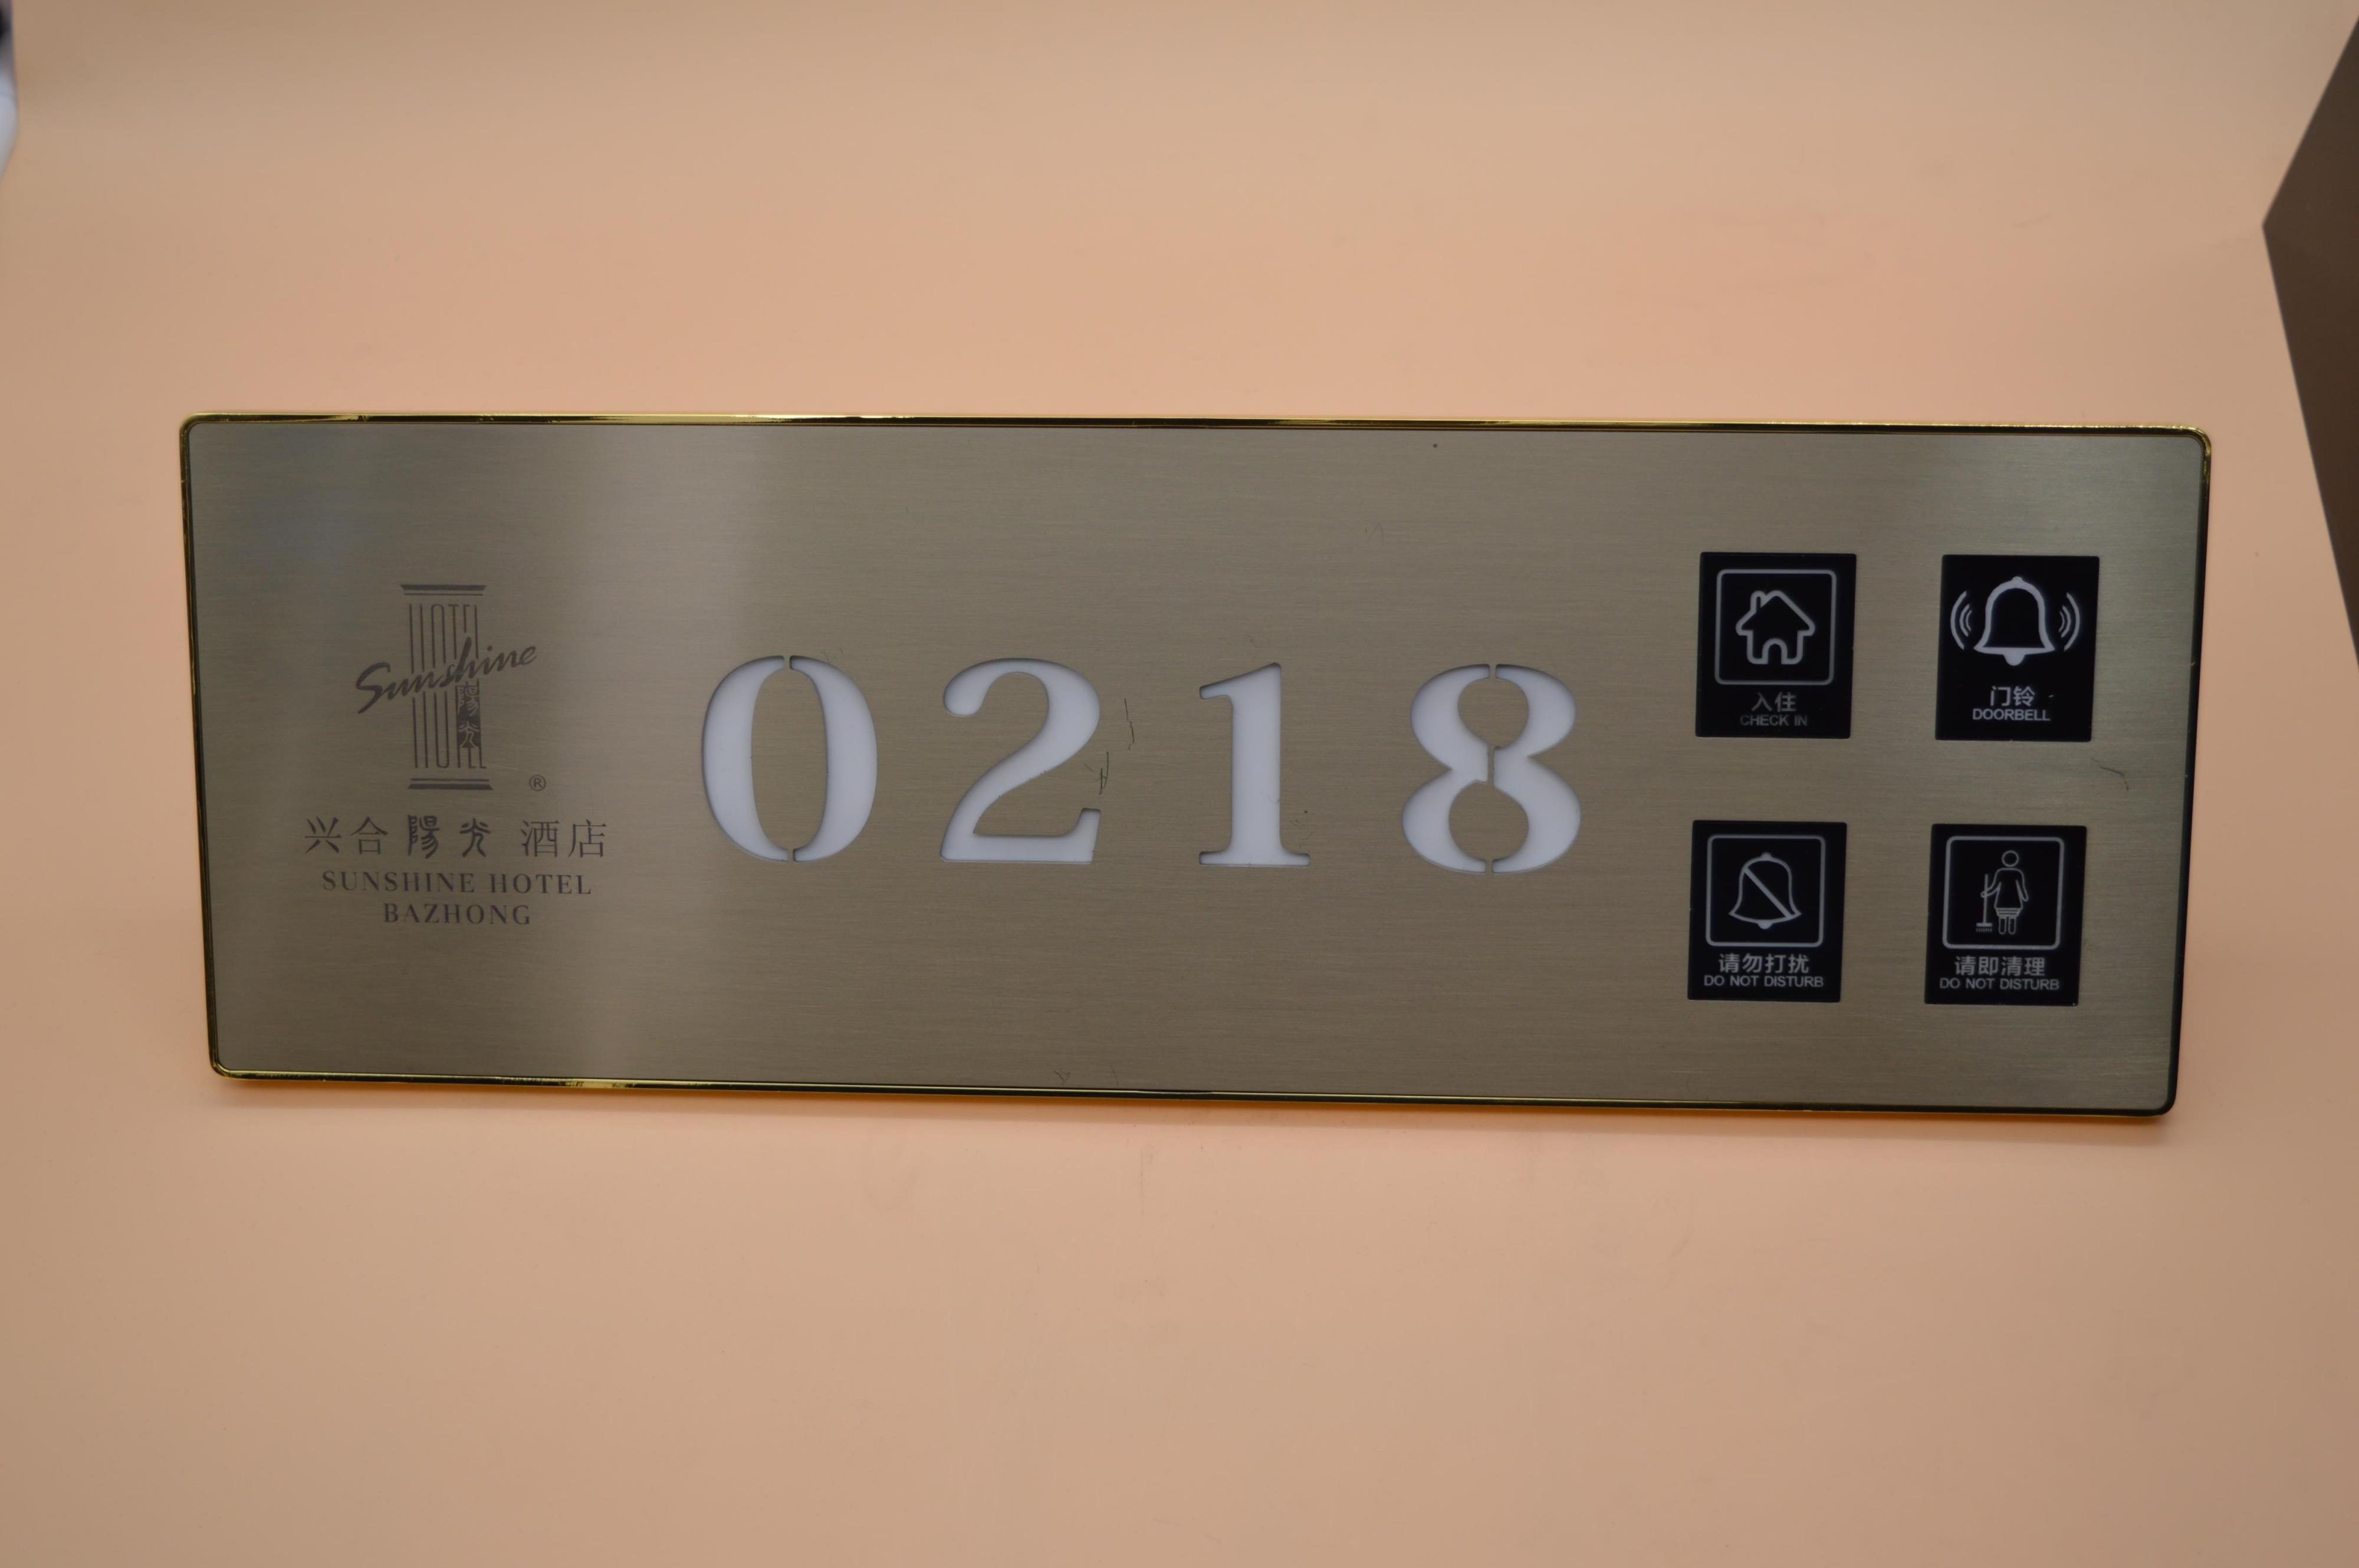 产品名称:130*380酒店宾馆金属数码边框电子门牌门显房号牌产品特点:1、个性化酒店标识,尊显酒店档次2、锌合金边框,高端大气,四次电镀,表面UV处理,3年不生锈长斑。3、钢化玻璃面板永不变形、不变色、防刮花,时尚尊贵的设计风格。4、LCD液晶屏,显示亮度均匀,面积大,档次高。